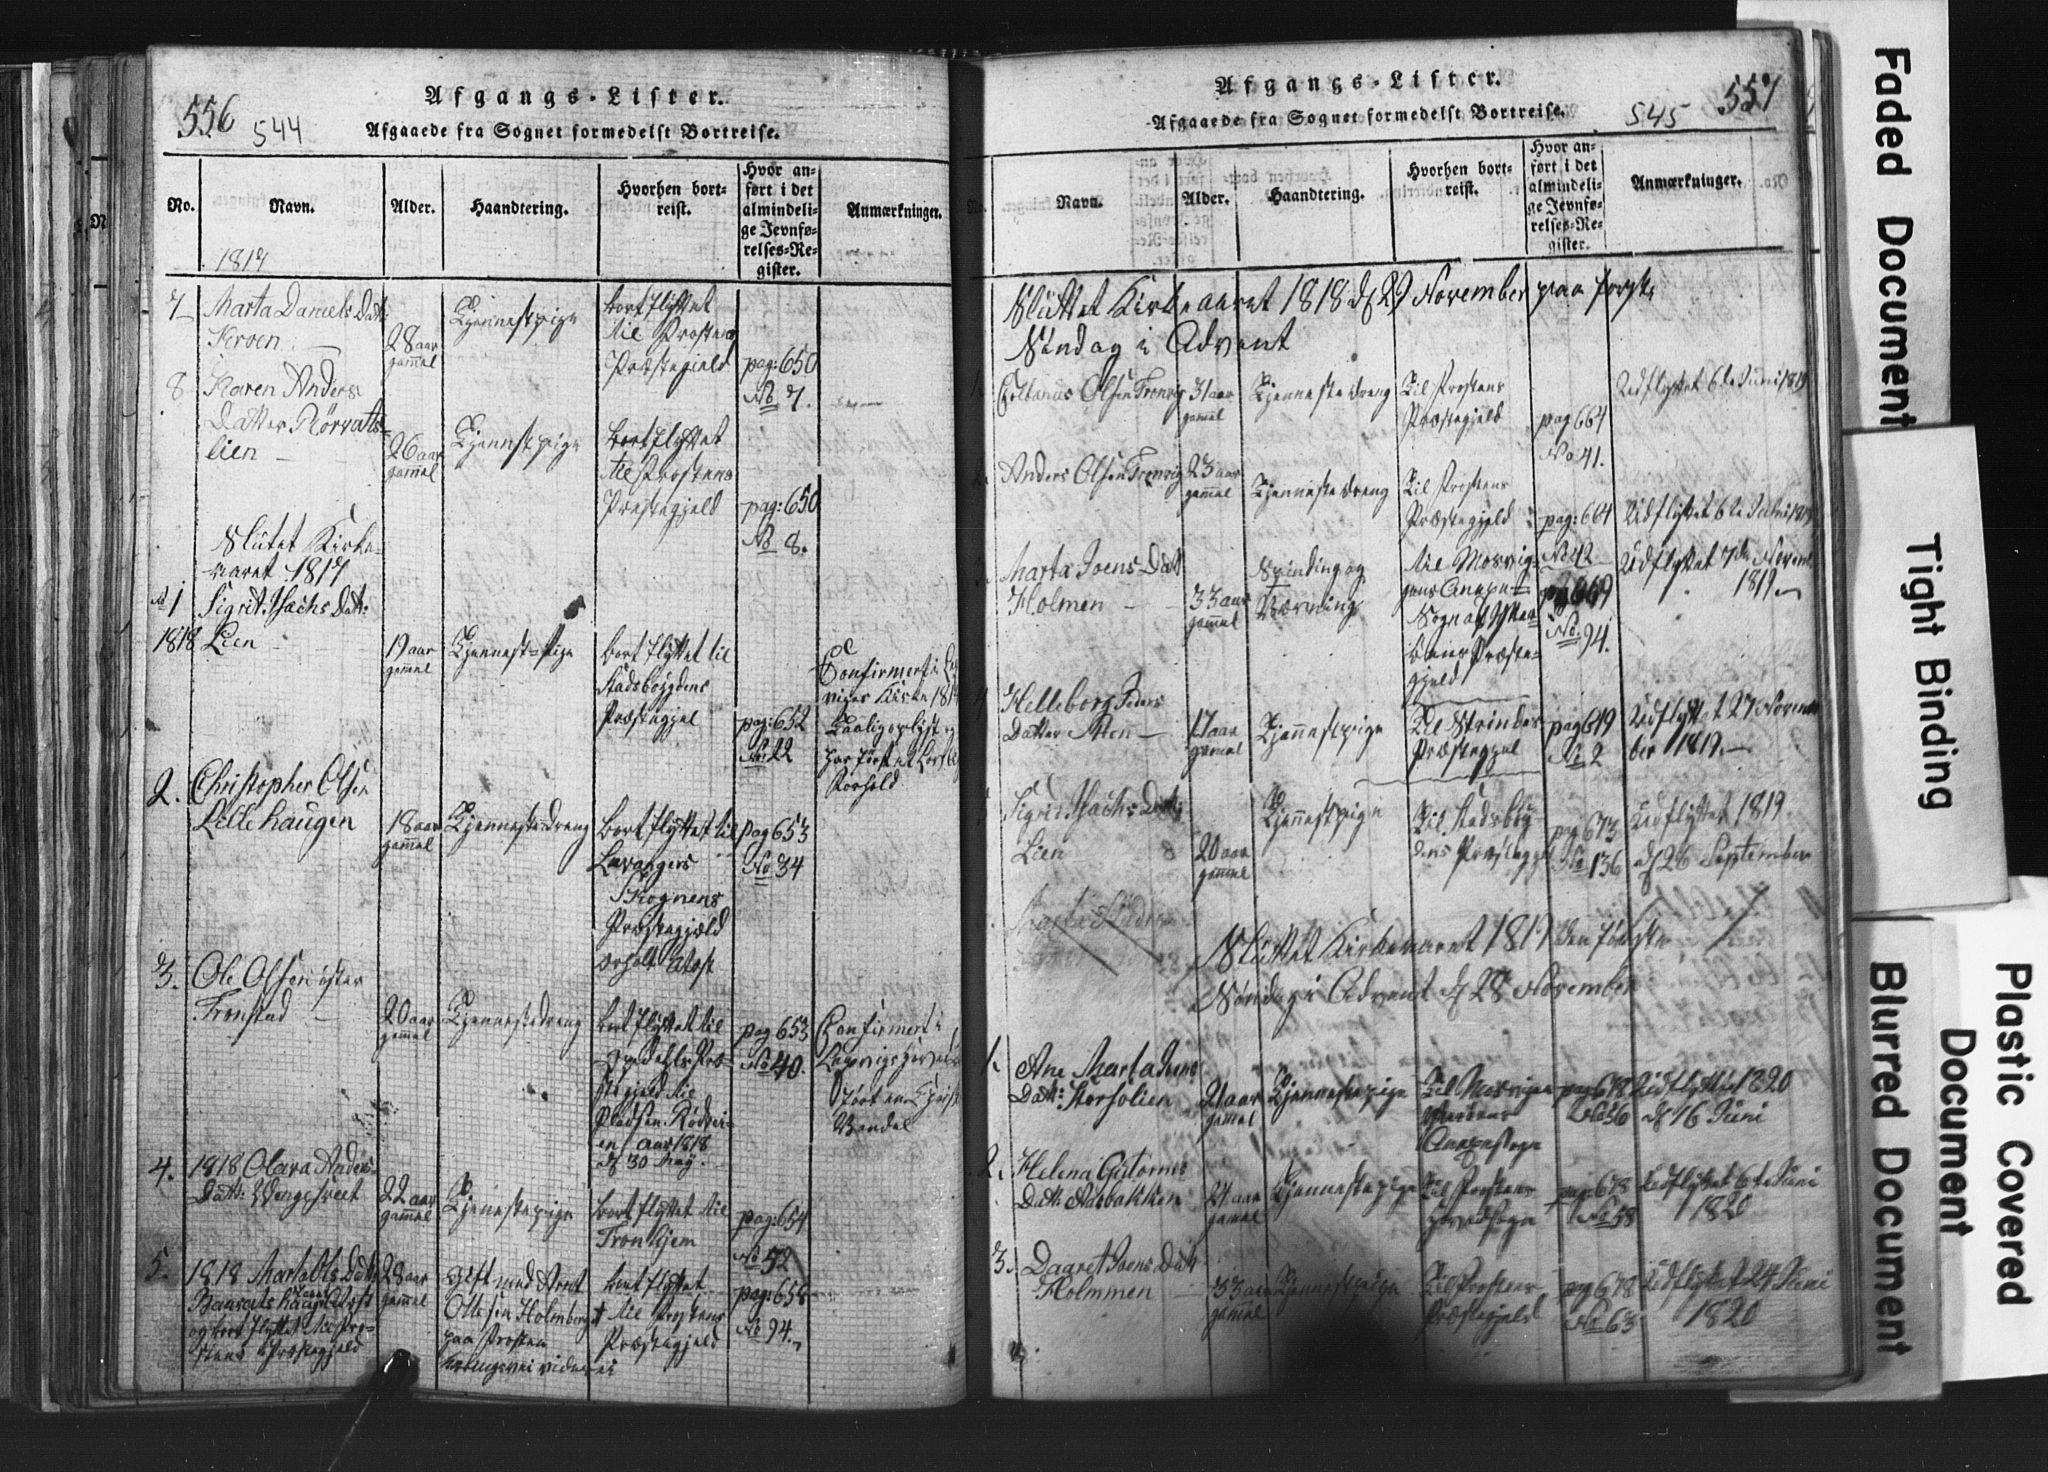 SAT, Ministerialprotokoller, klokkerbøker og fødselsregistre - Nord-Trøndelag, 701/L0017: Klokkerbok nr. 701C01, 1817-1825, s. 544-545